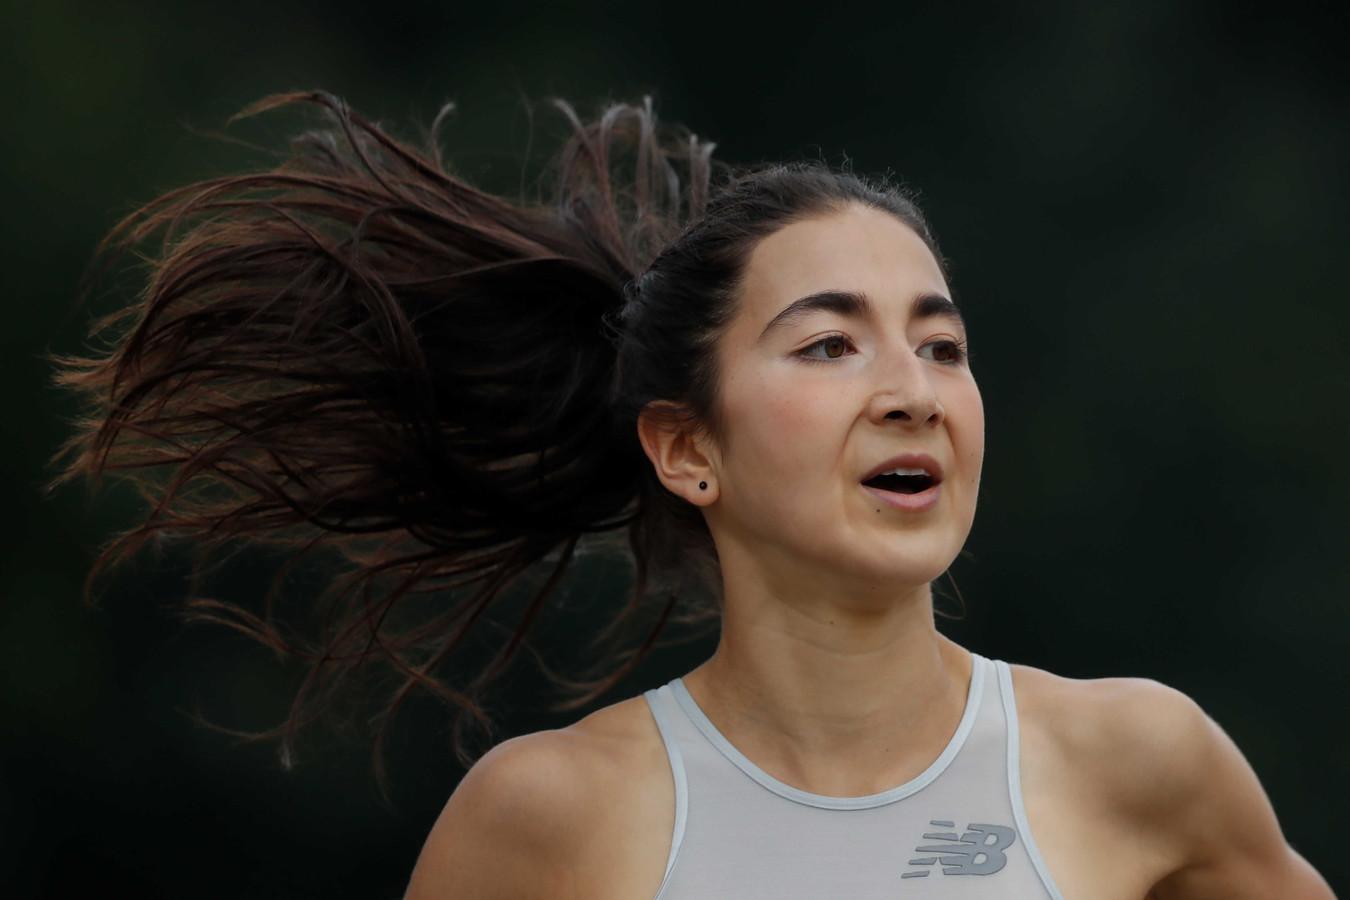 Jasmijn Lau wint goud op de EK Onder 23 jaar.